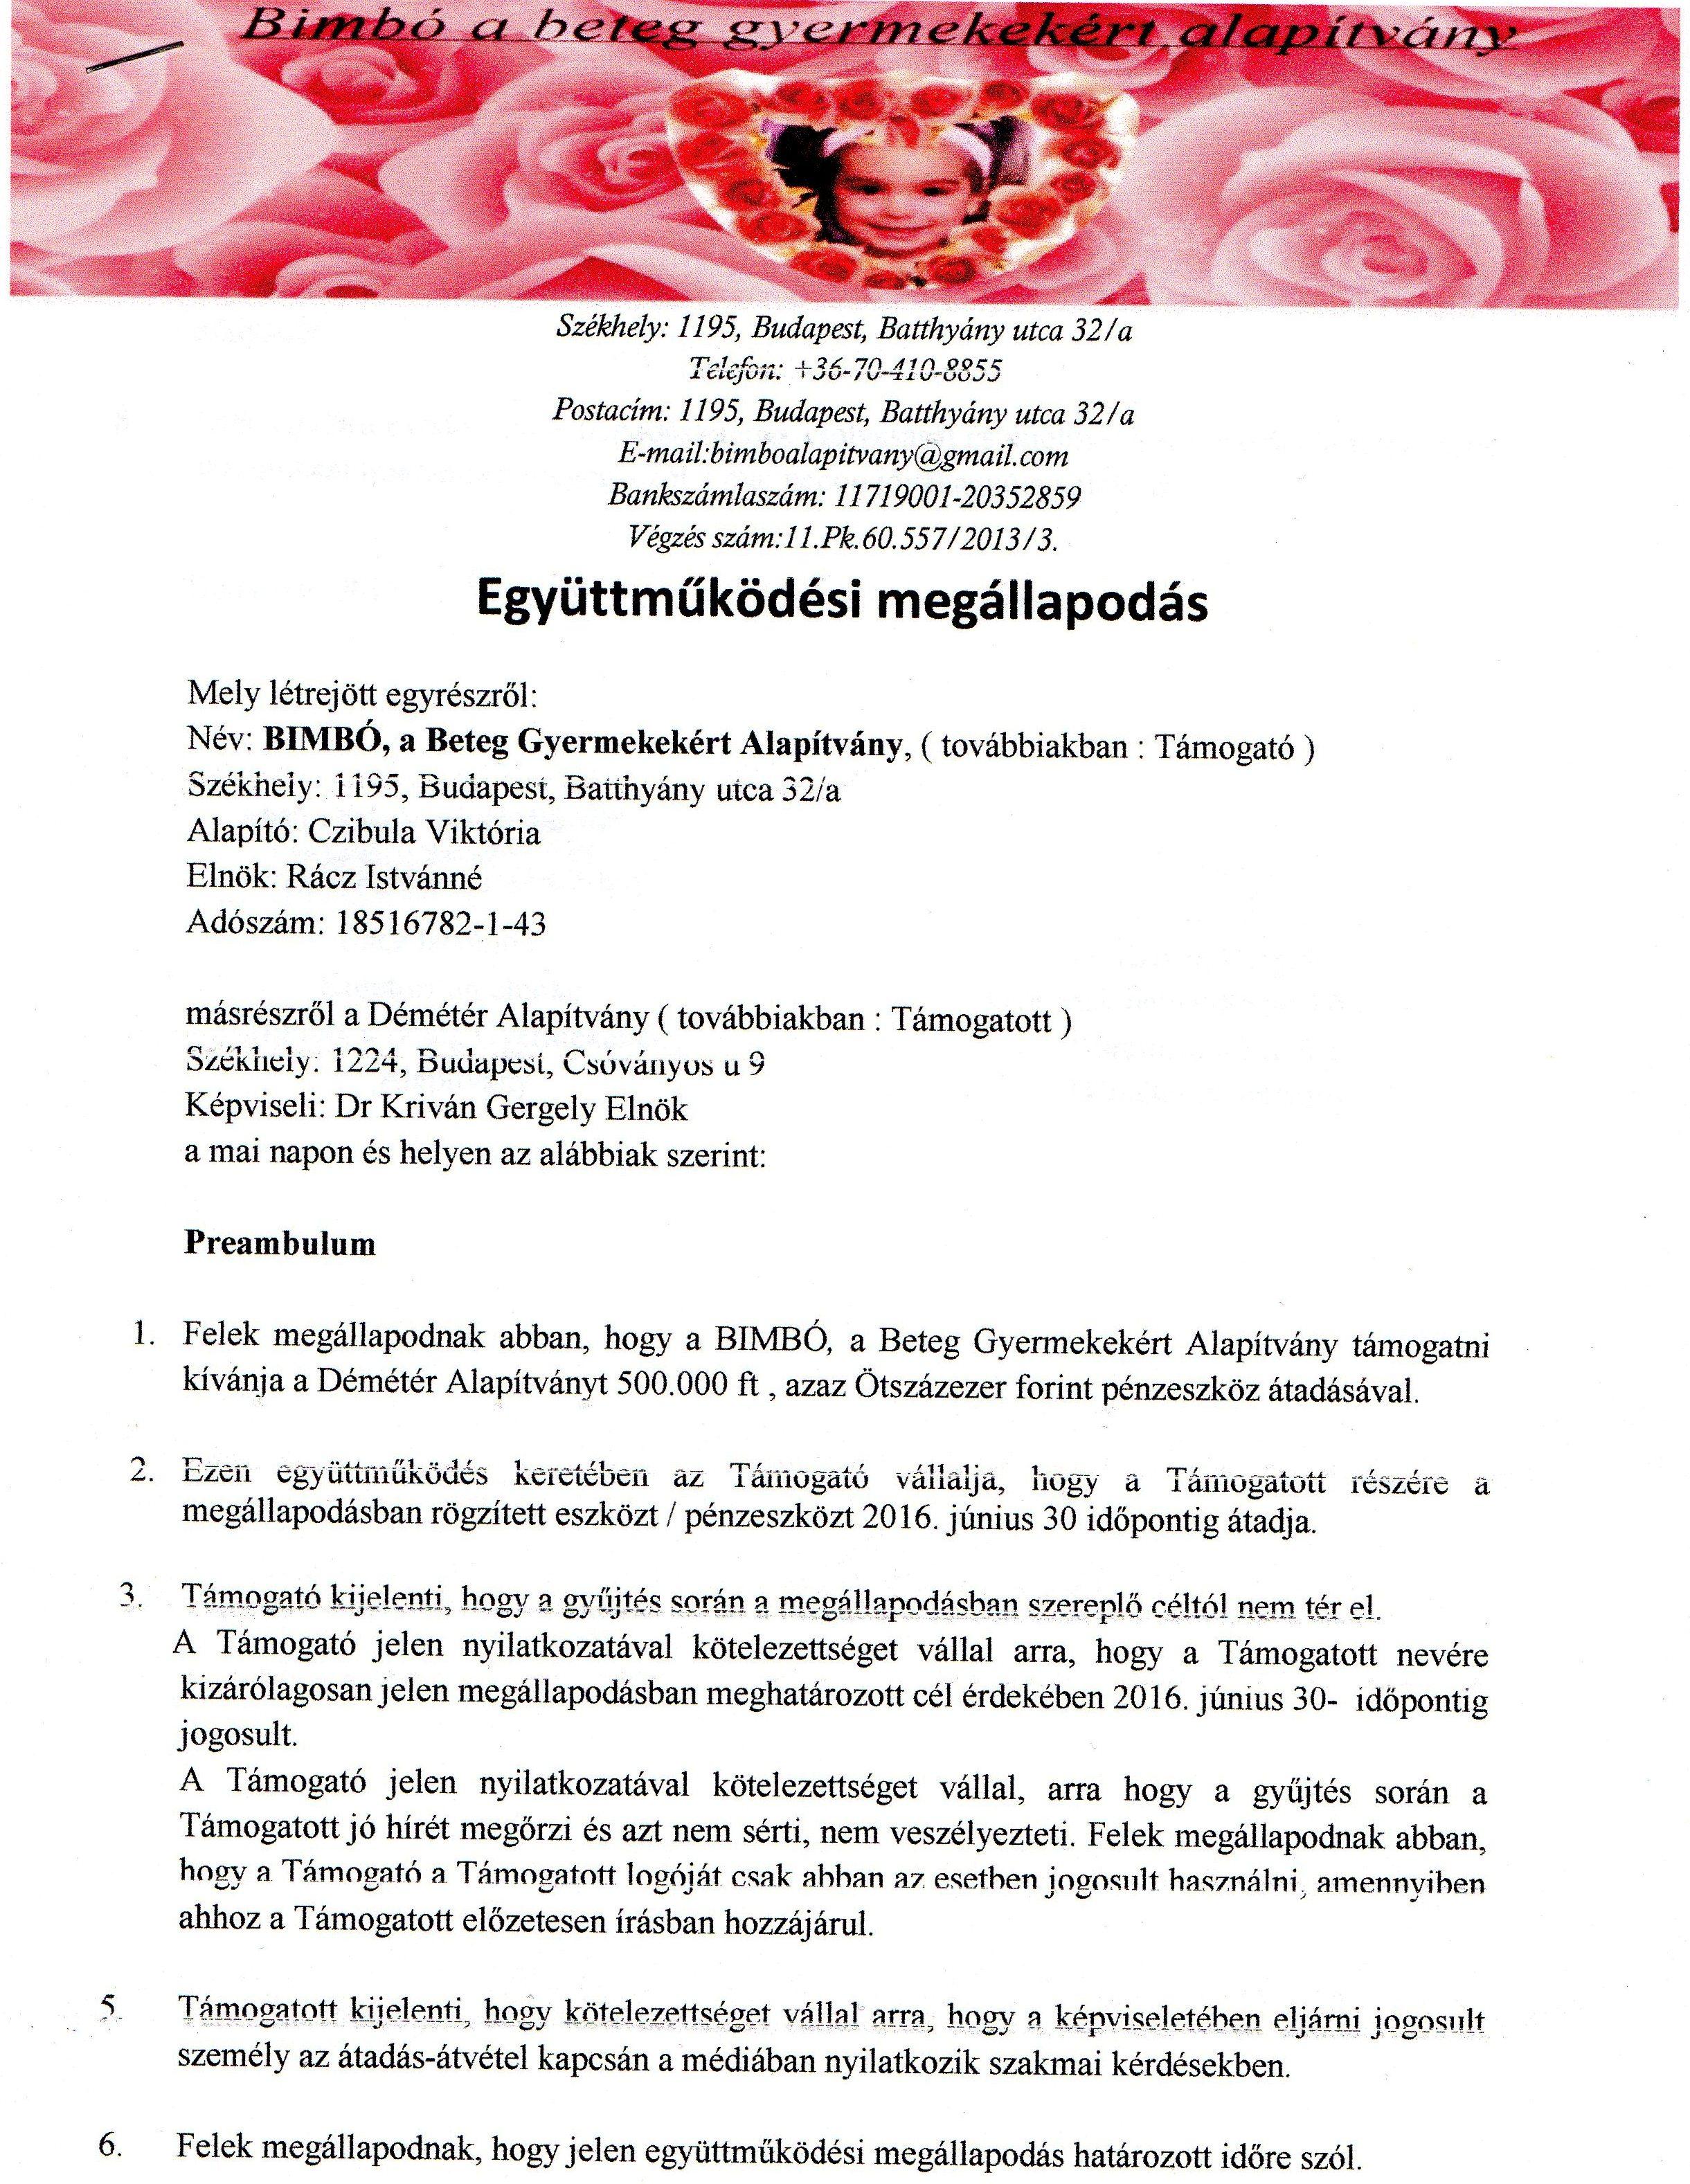 Démétér Alapítvány együttműködési megállapodás